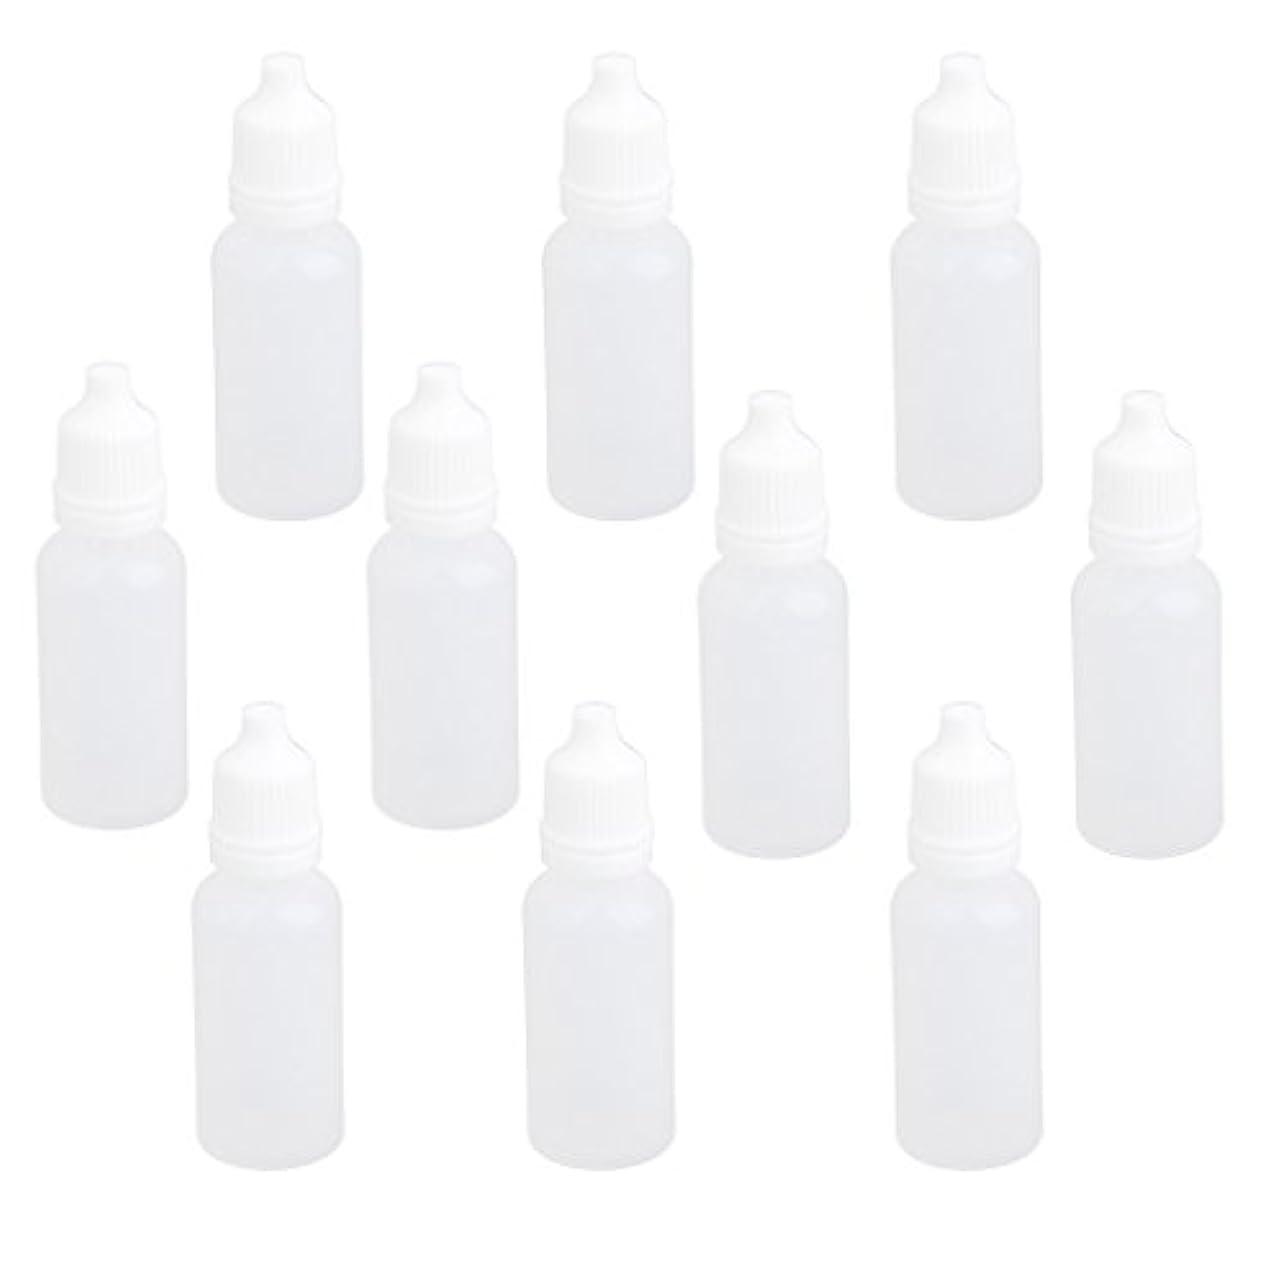 スイッチ国民アラスカ【ノーブランド品】ドロッパーボトル 点眼 液体 貯蔵用 滴瓶 プラスチック製 10個 (15ml)